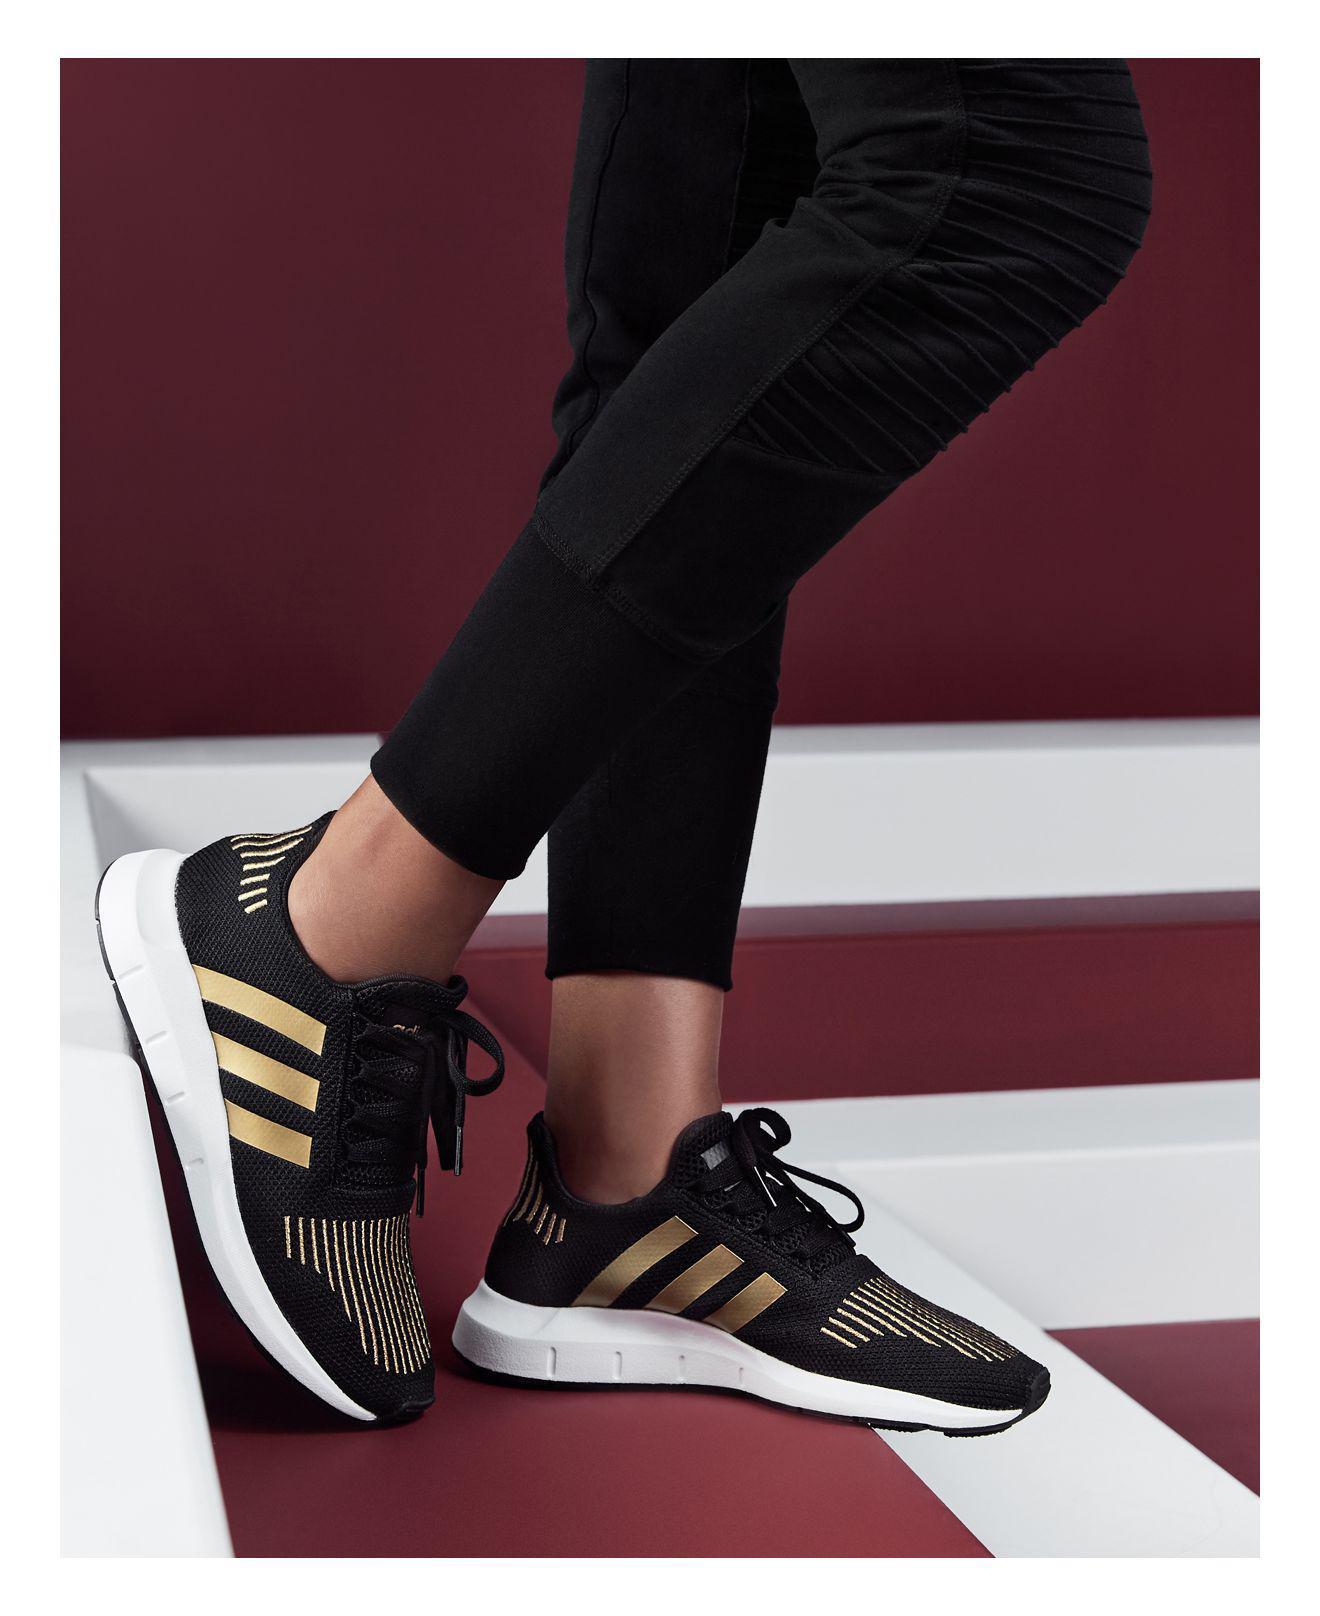 16a5e479657 Lyst - adidas Women s Swift Run Sneakers in Metallic